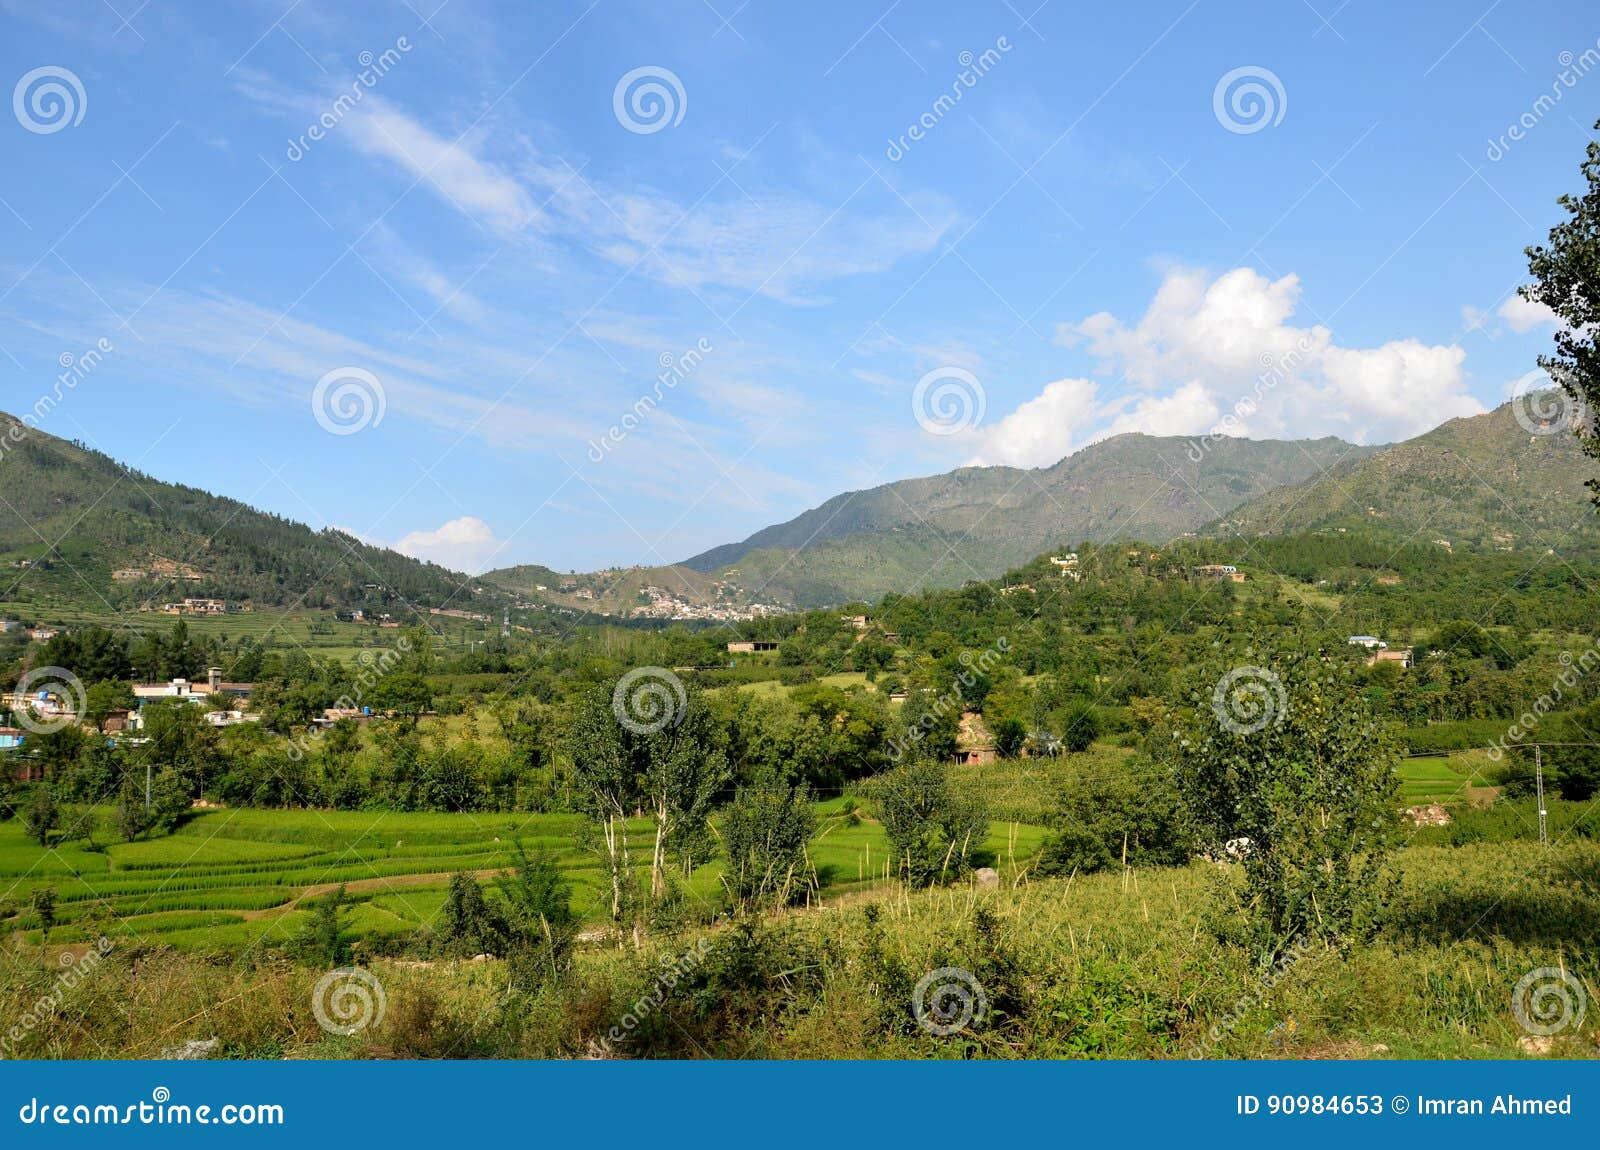 Cielo e case delle montagne in villaggio della valle Khyber Pakhtoonkhwa Pakistan dello schiaffo